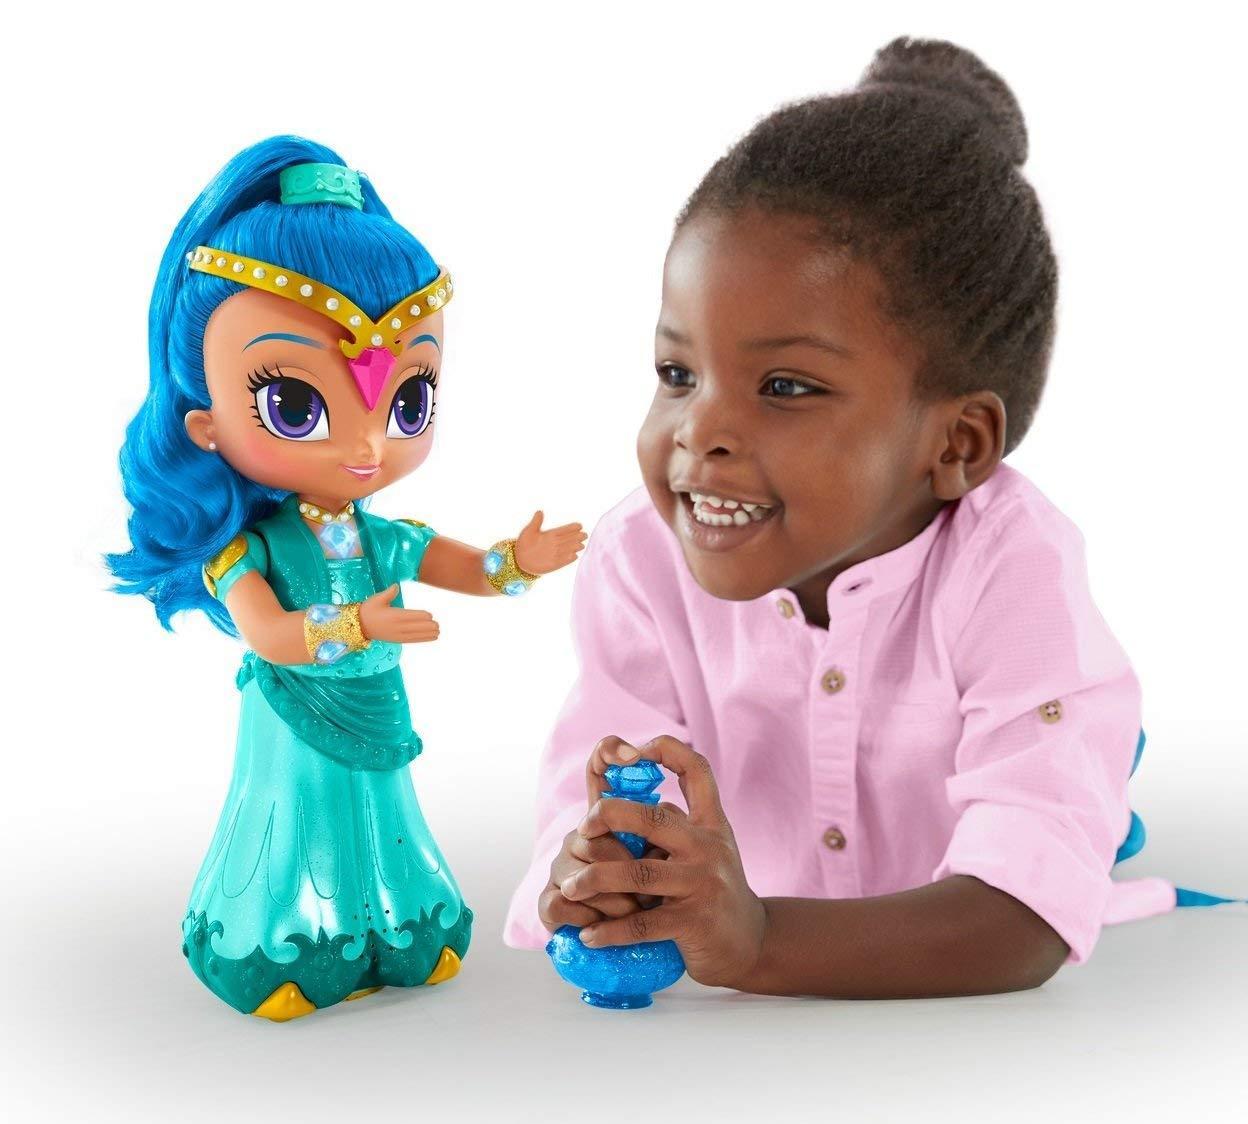 Большая интерактивная кукла серии Shimmer & Shine Шайн